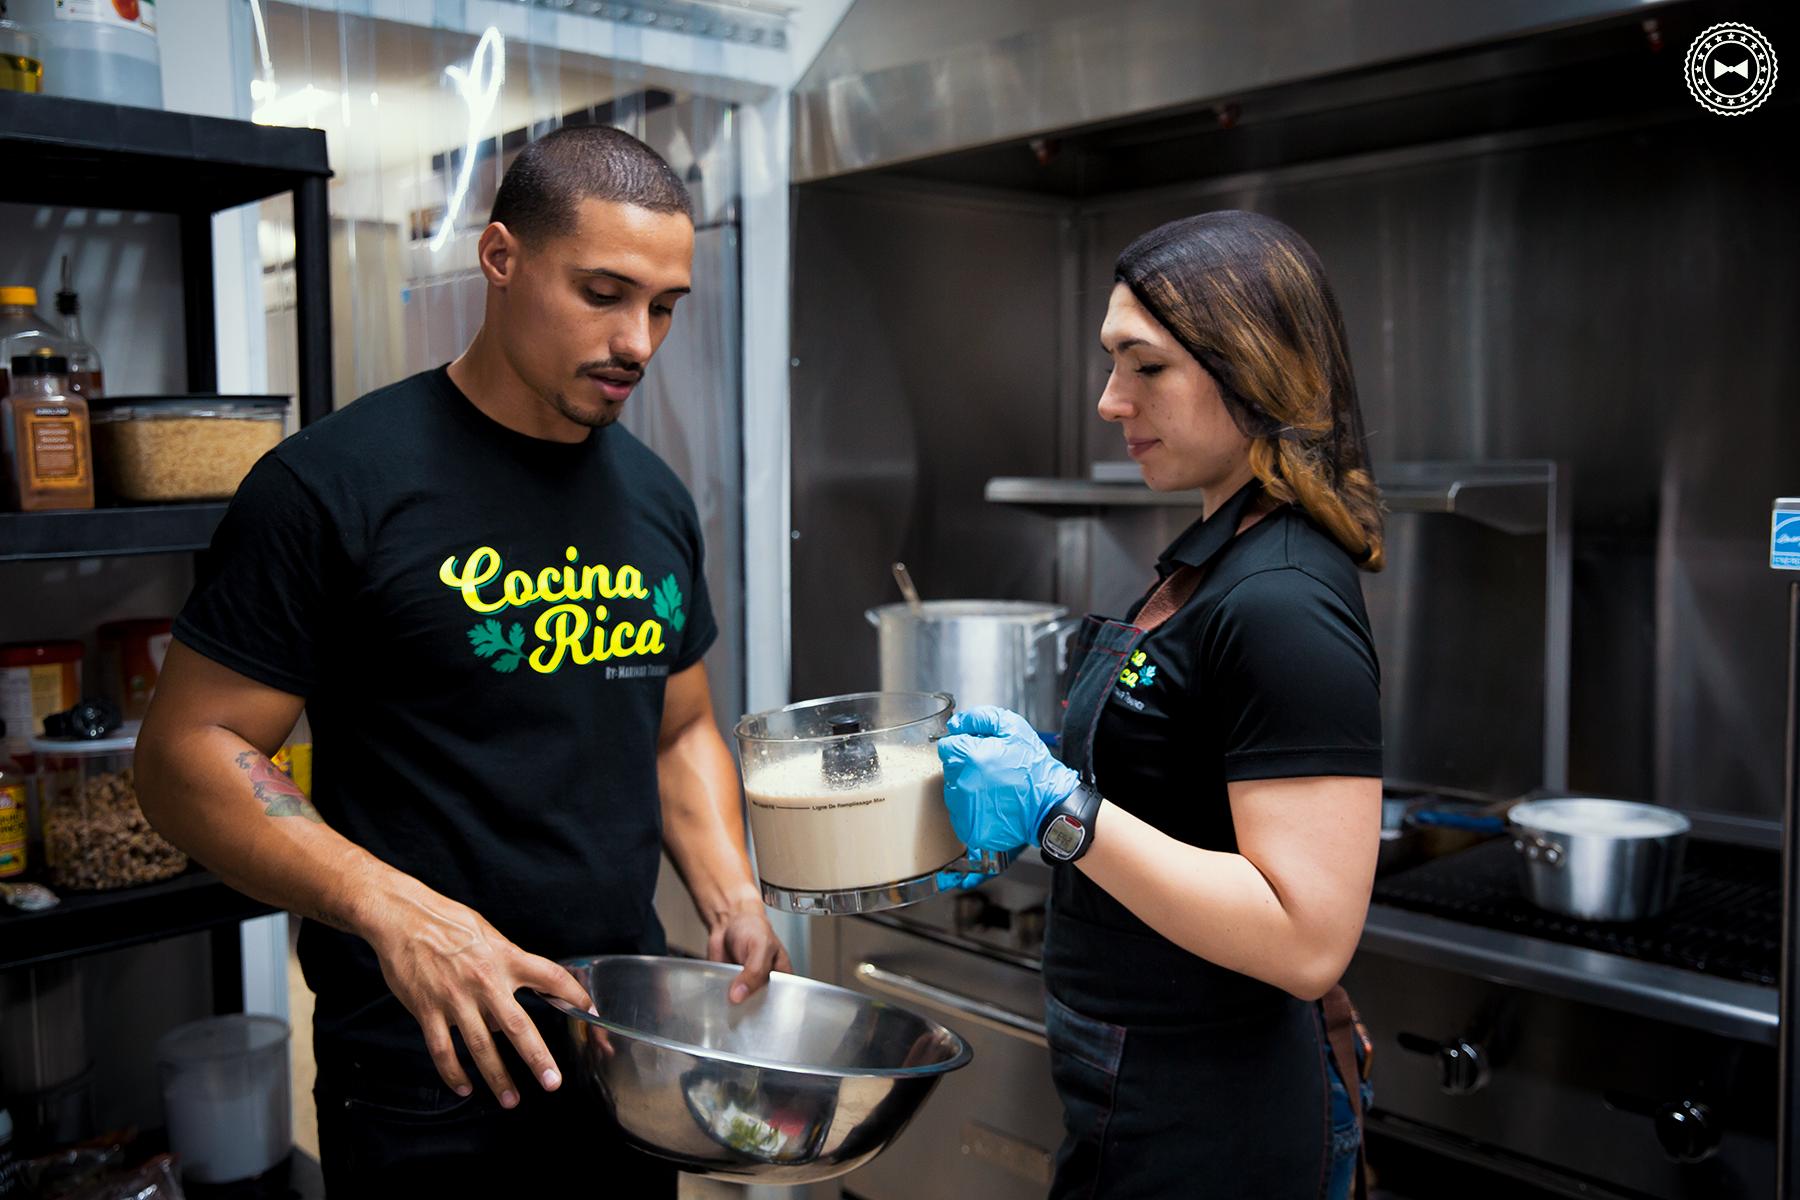 Luis Rodríguez y Marimar de Hoyos • Cocina Rica, Área Metro (Delivery)